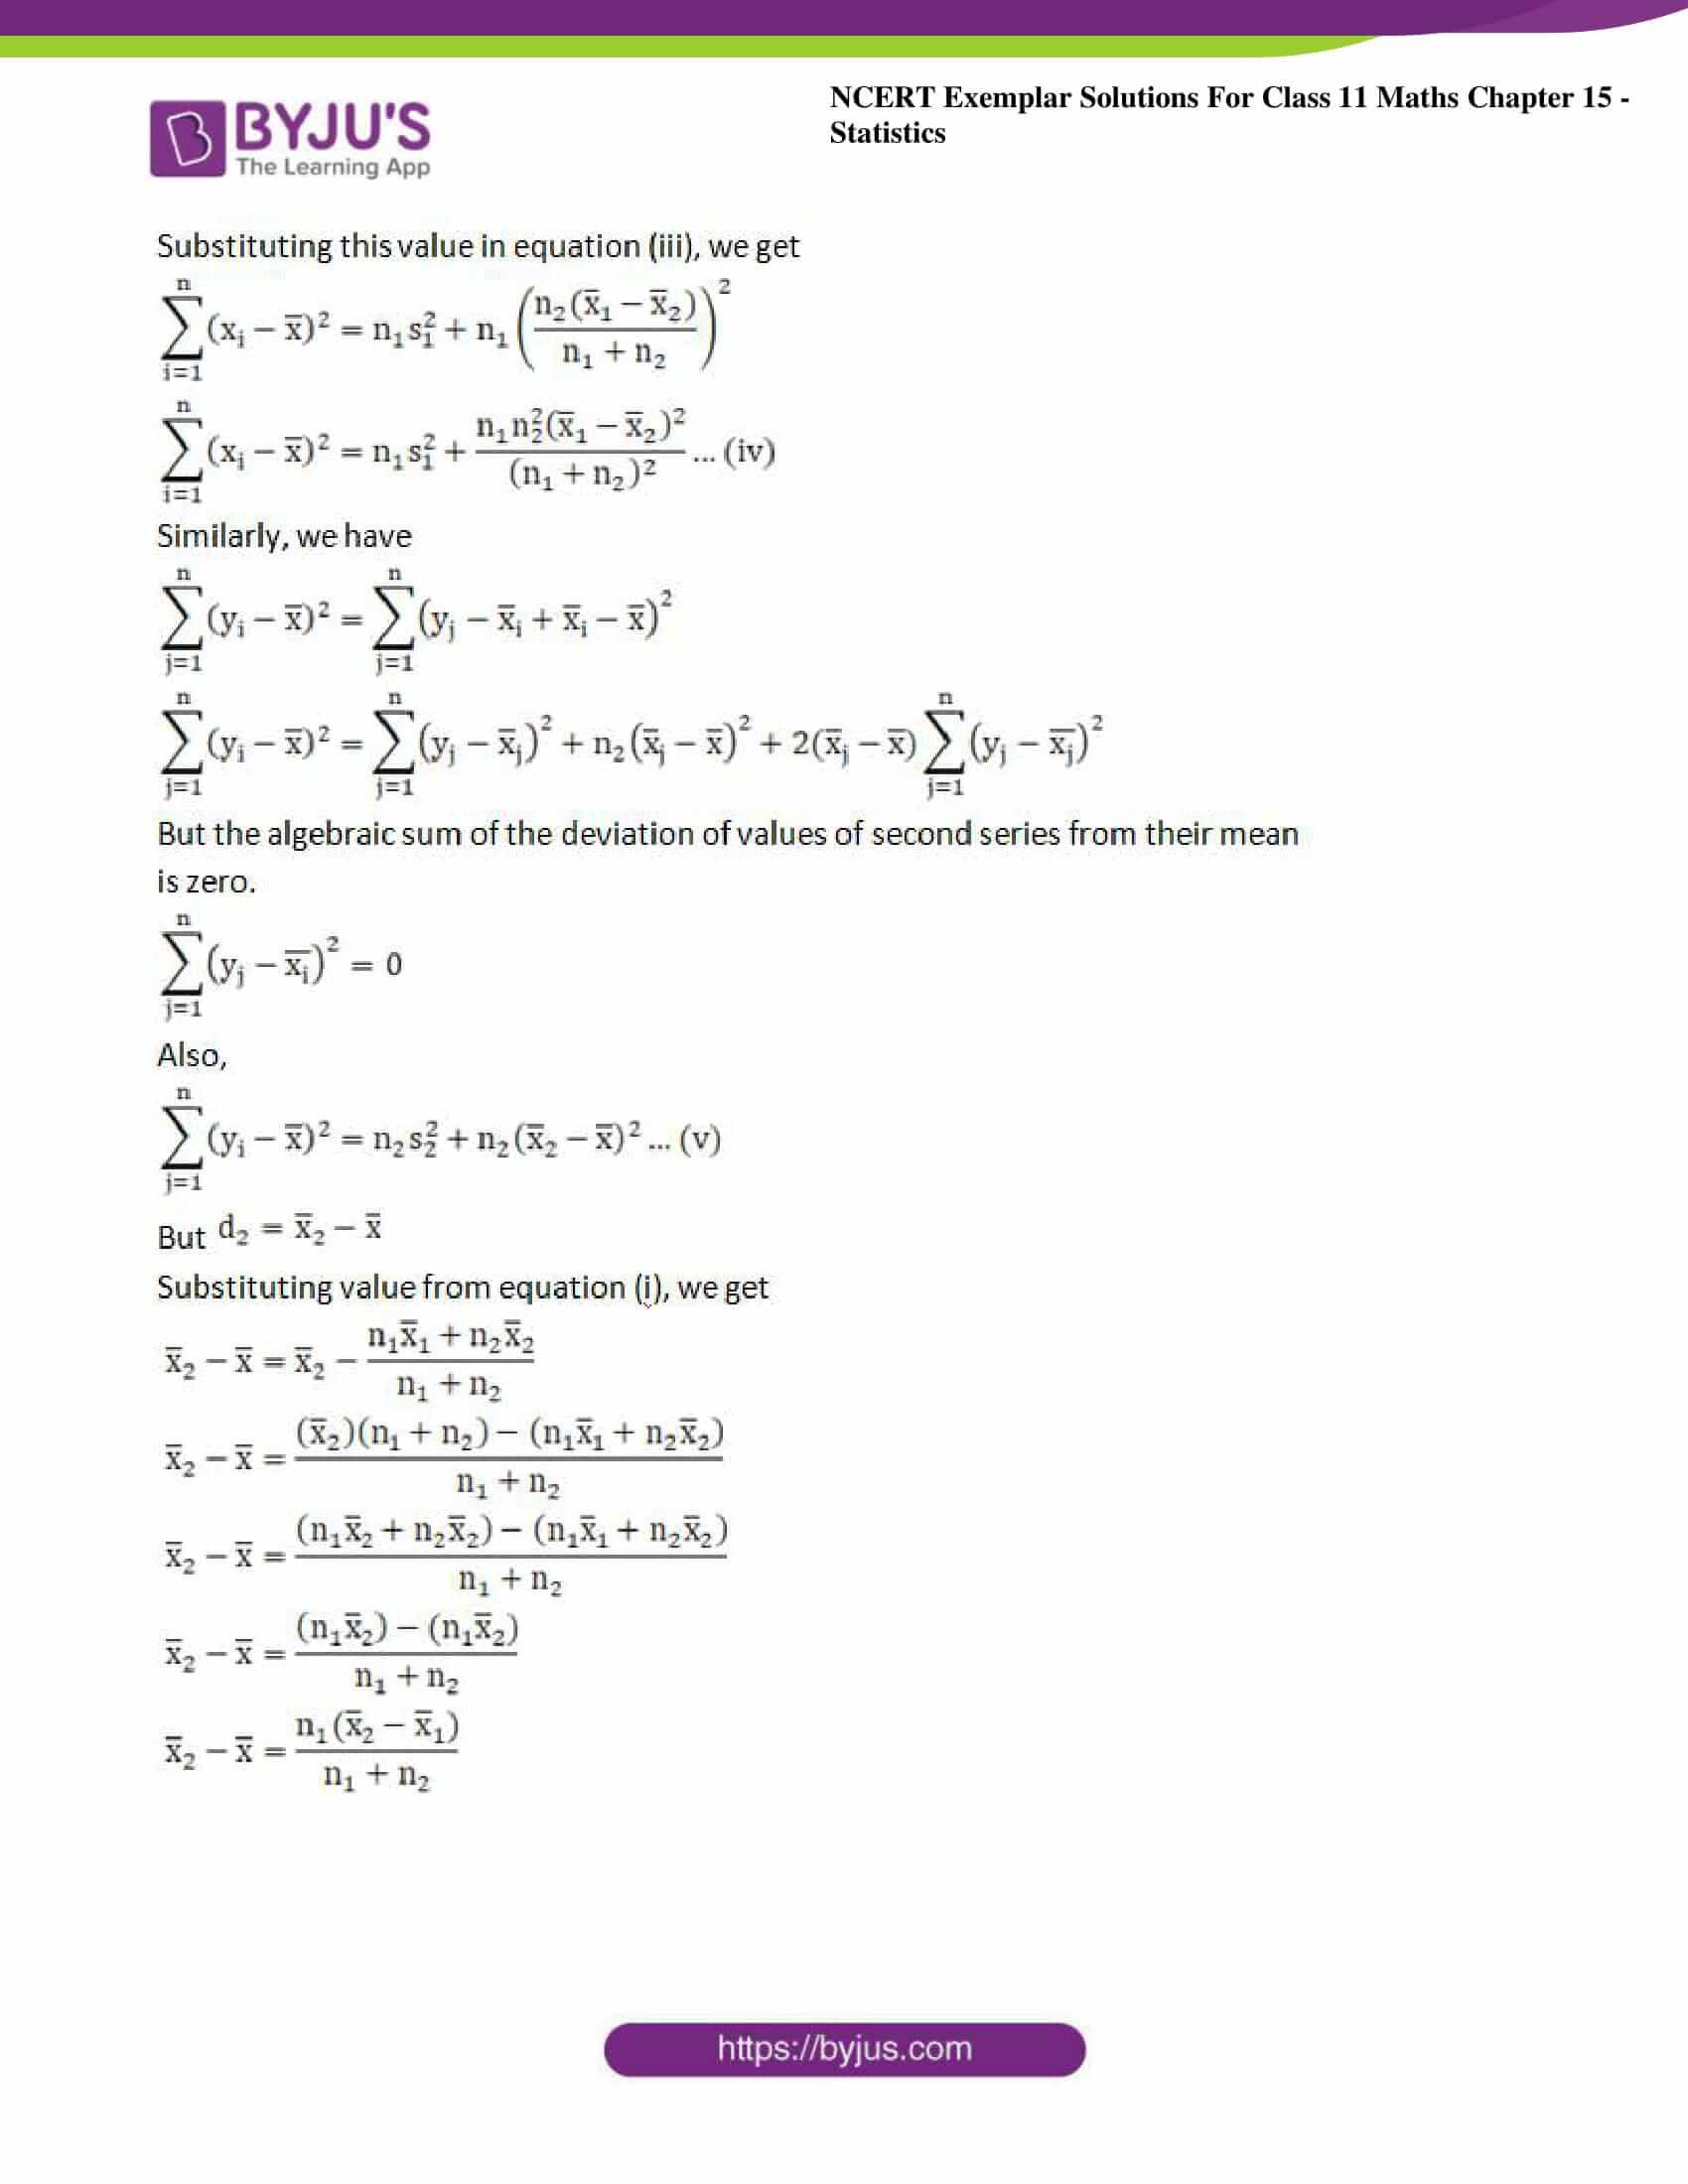 ncert exemplar sol class 11 maths chpt 15 statistics 11